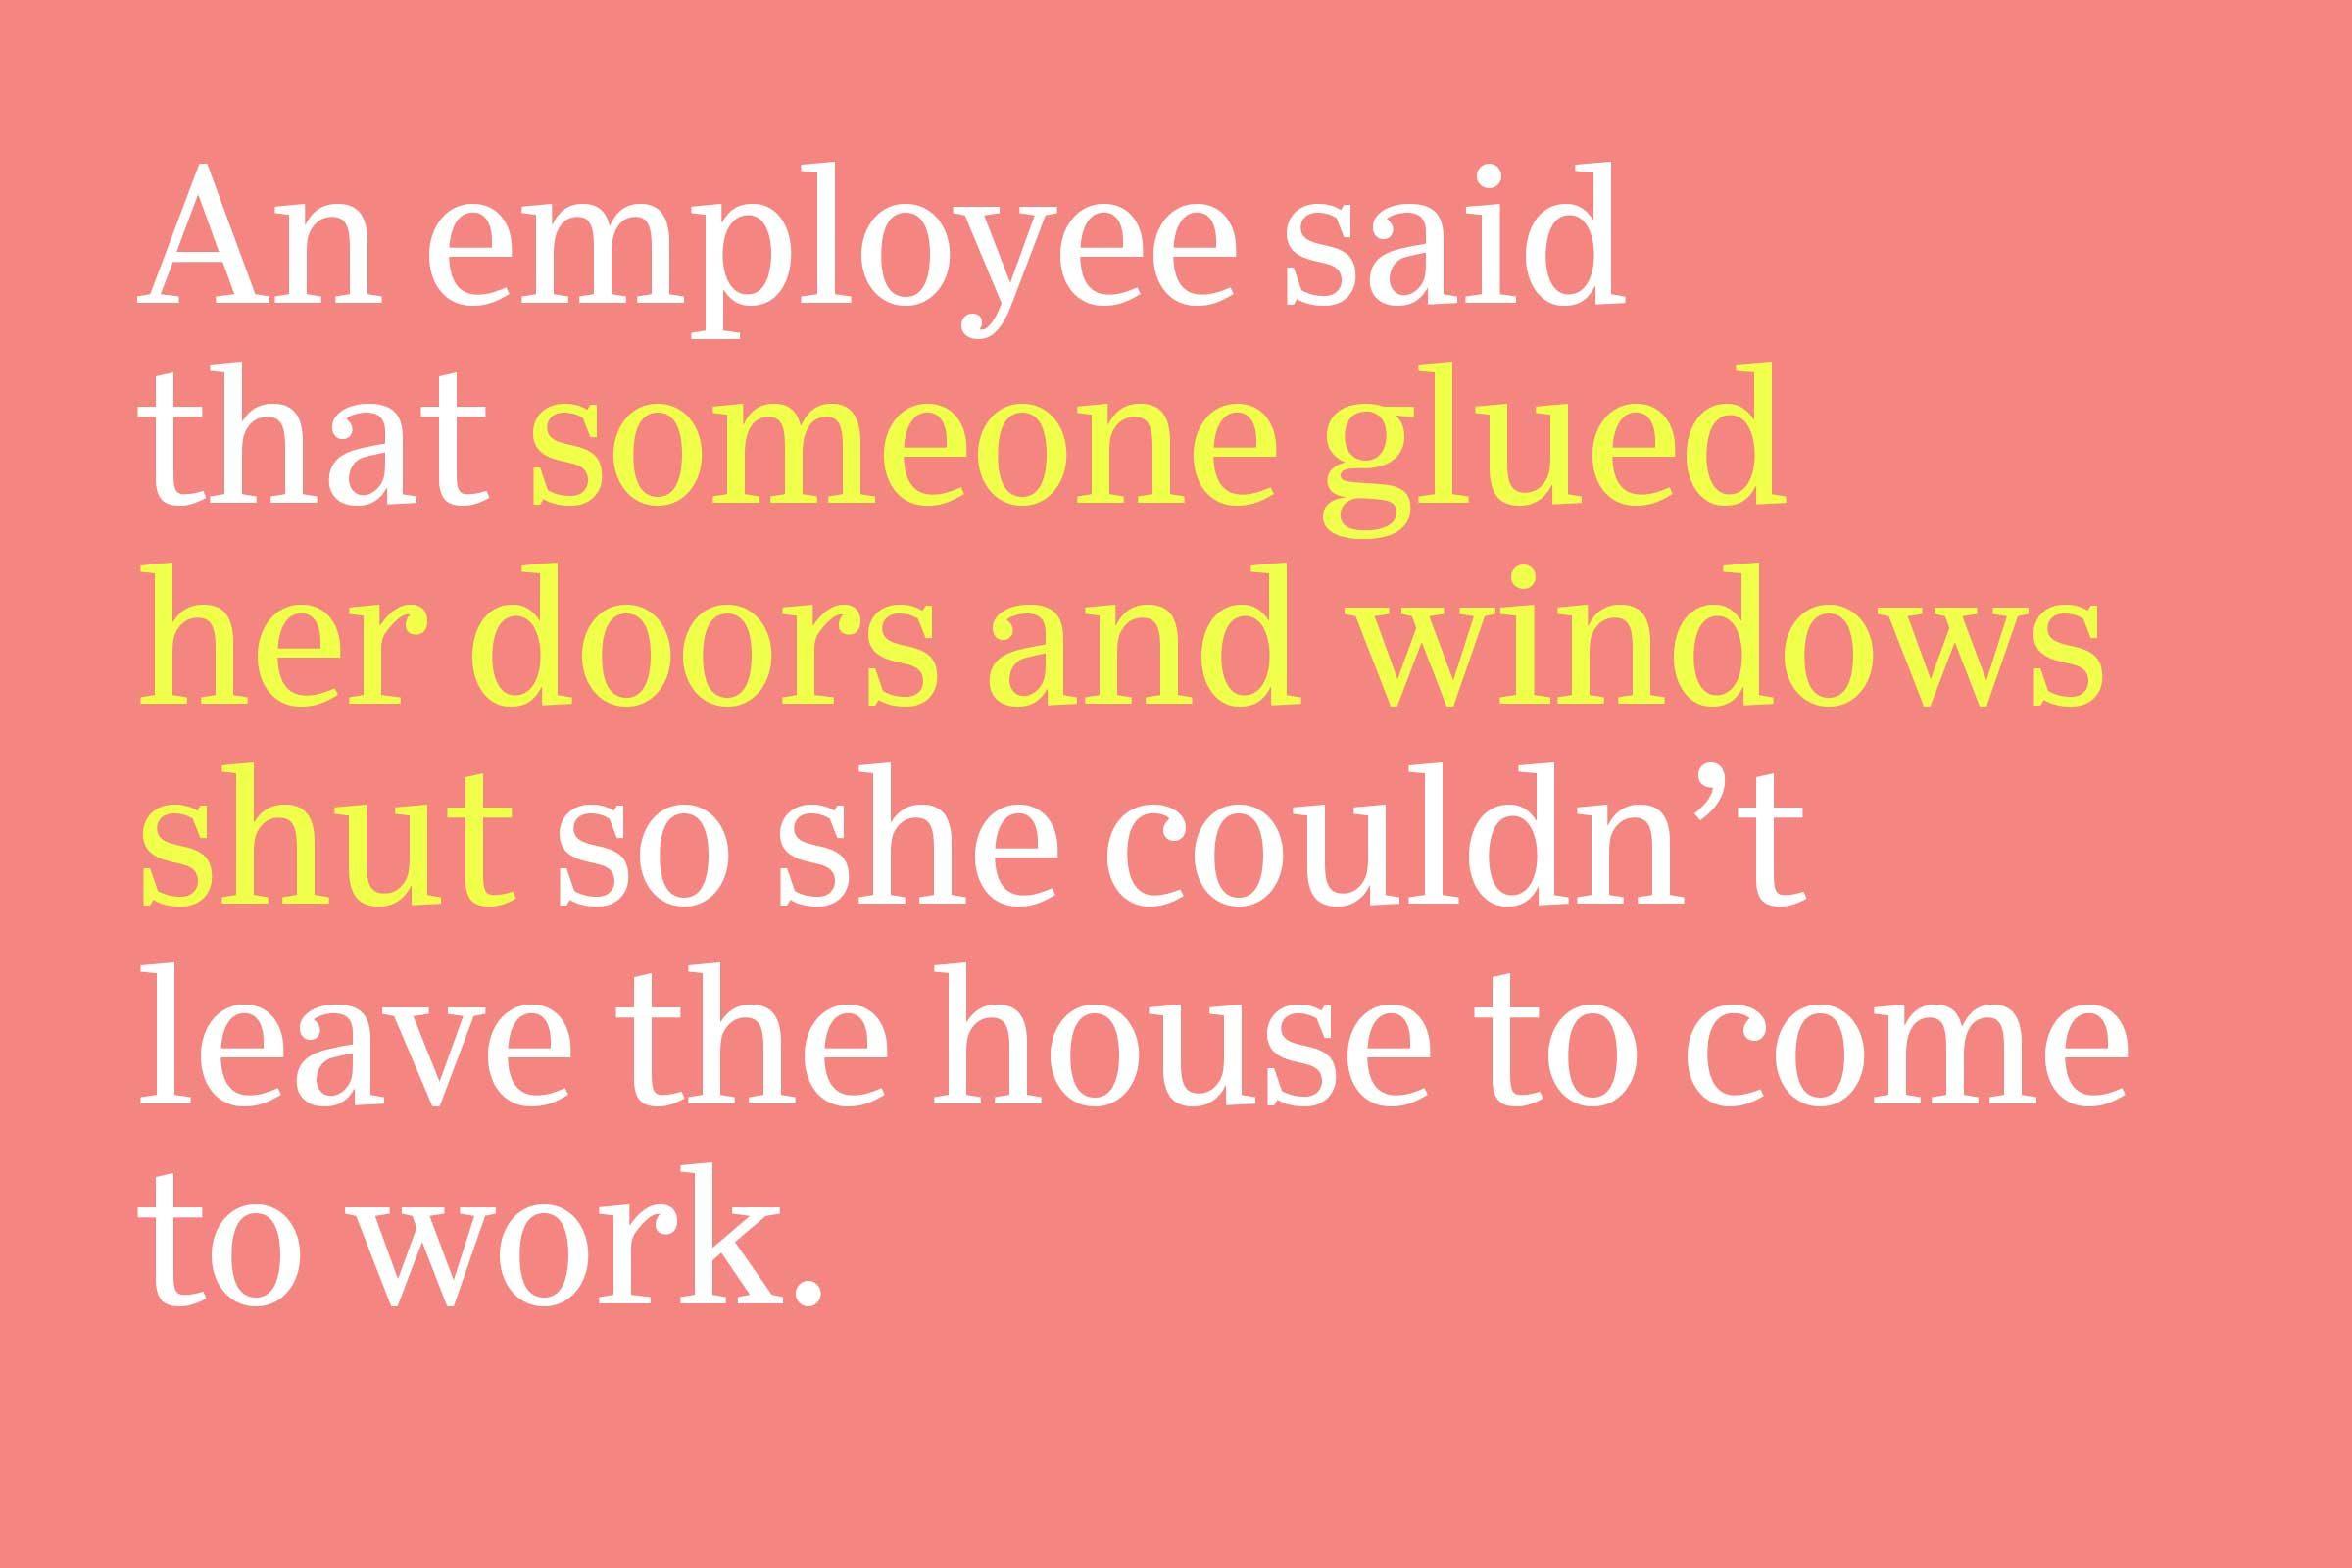 someone glued her doors shut